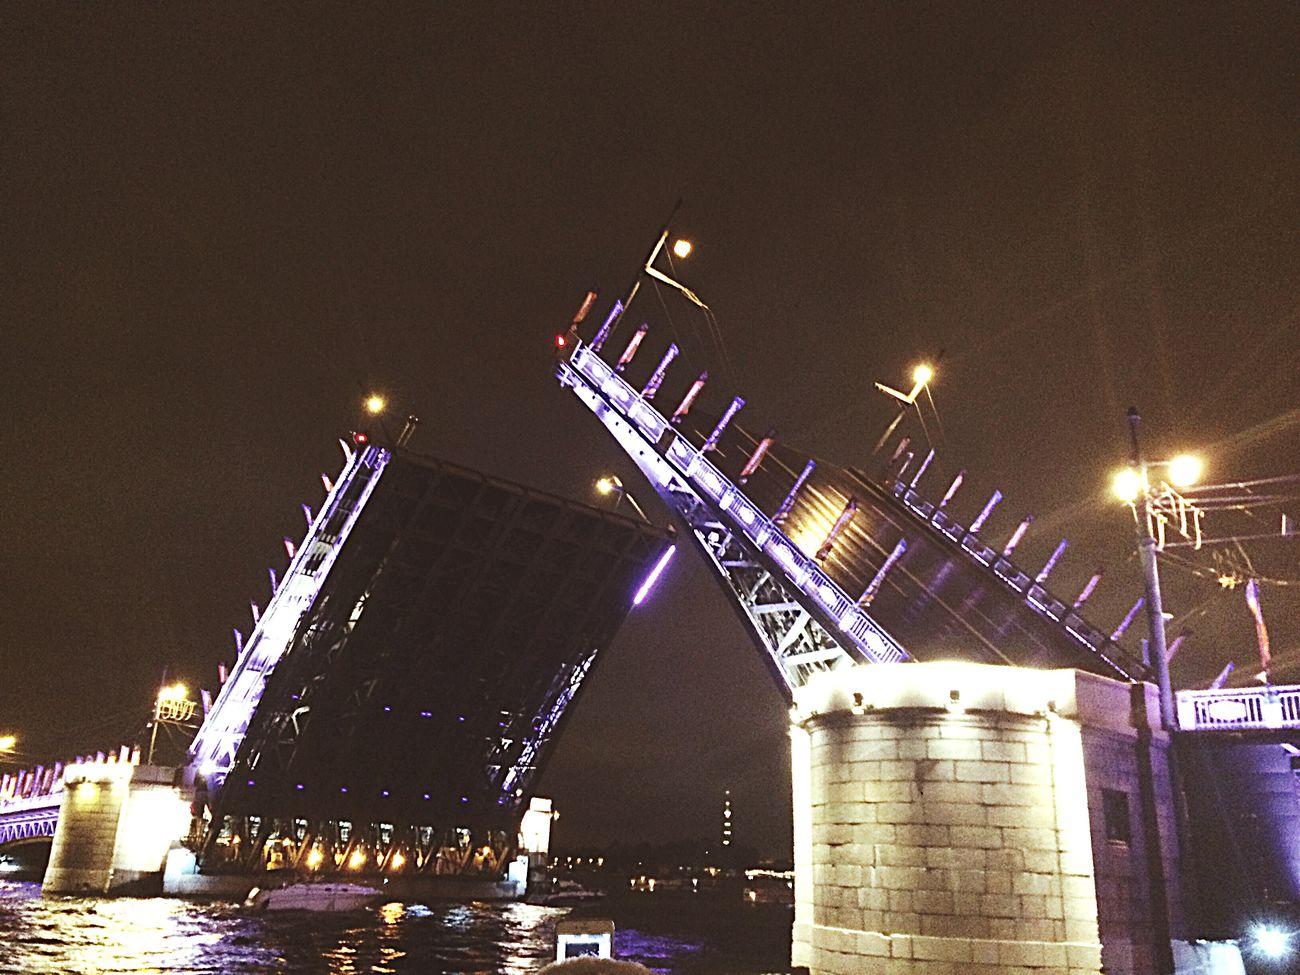 Colour Of Life мост питерятебялюблю Ночь огни катер прогулка достопримечательность